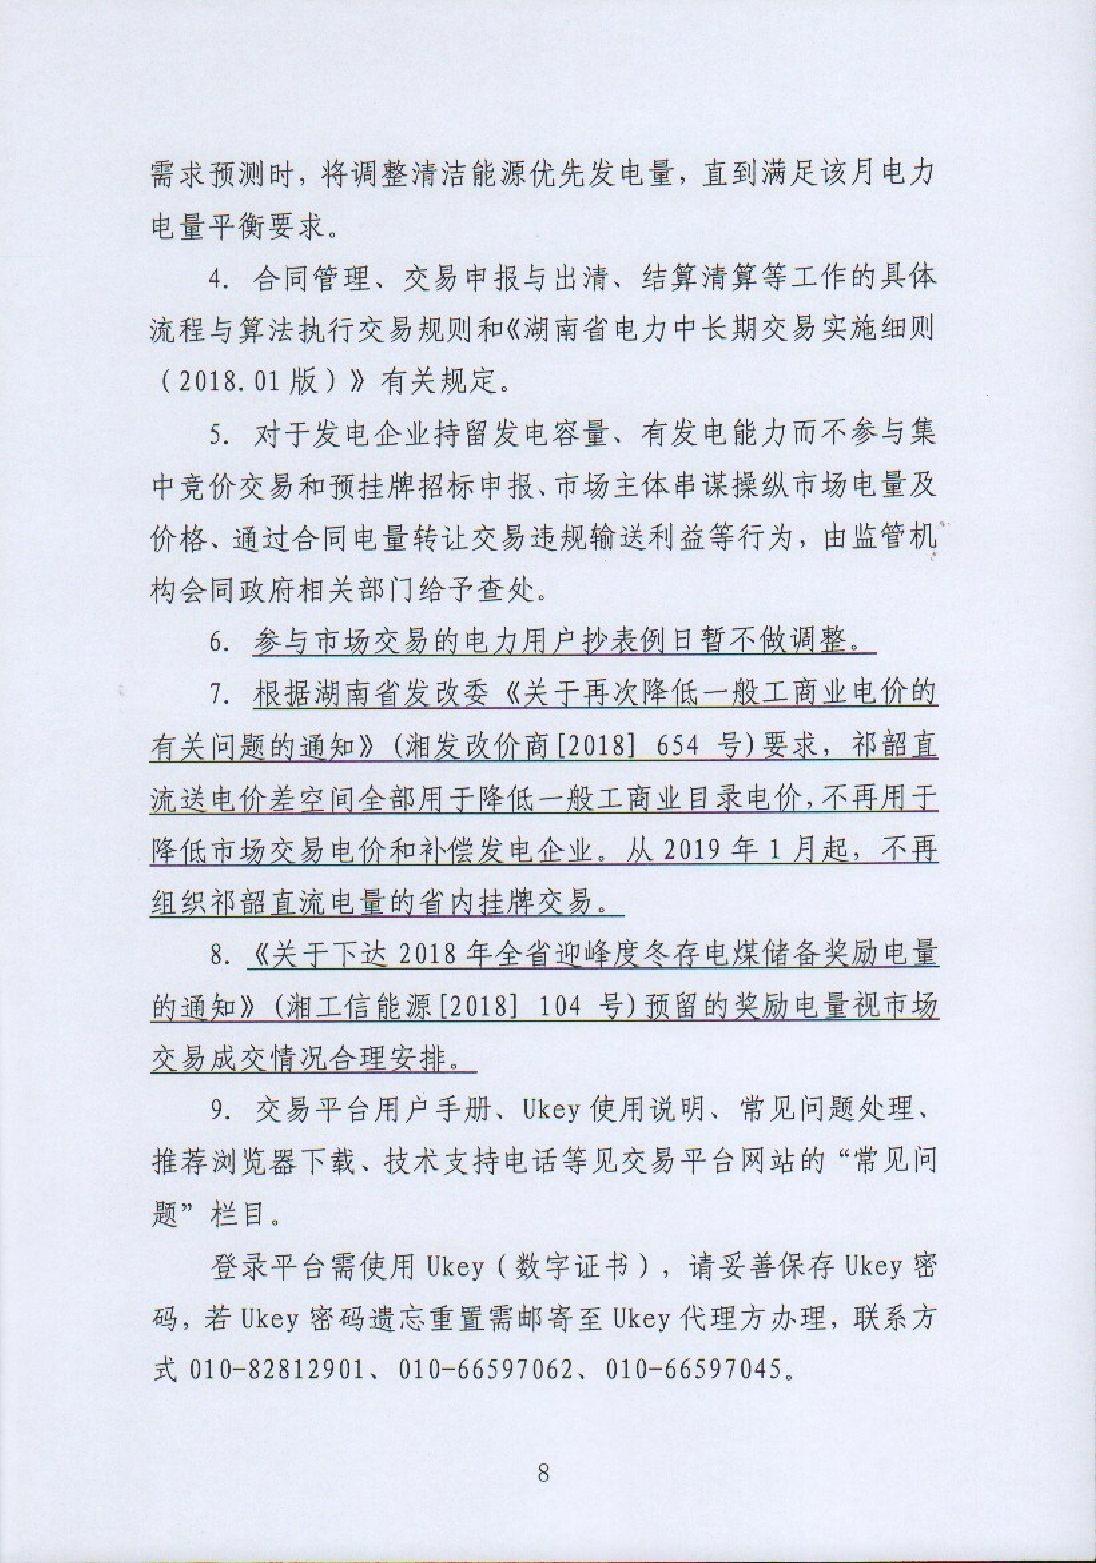 湖南電力交易中心有限公司關于2019年2月電力市場交易的公告.pdf_page_8_compressed.jpg